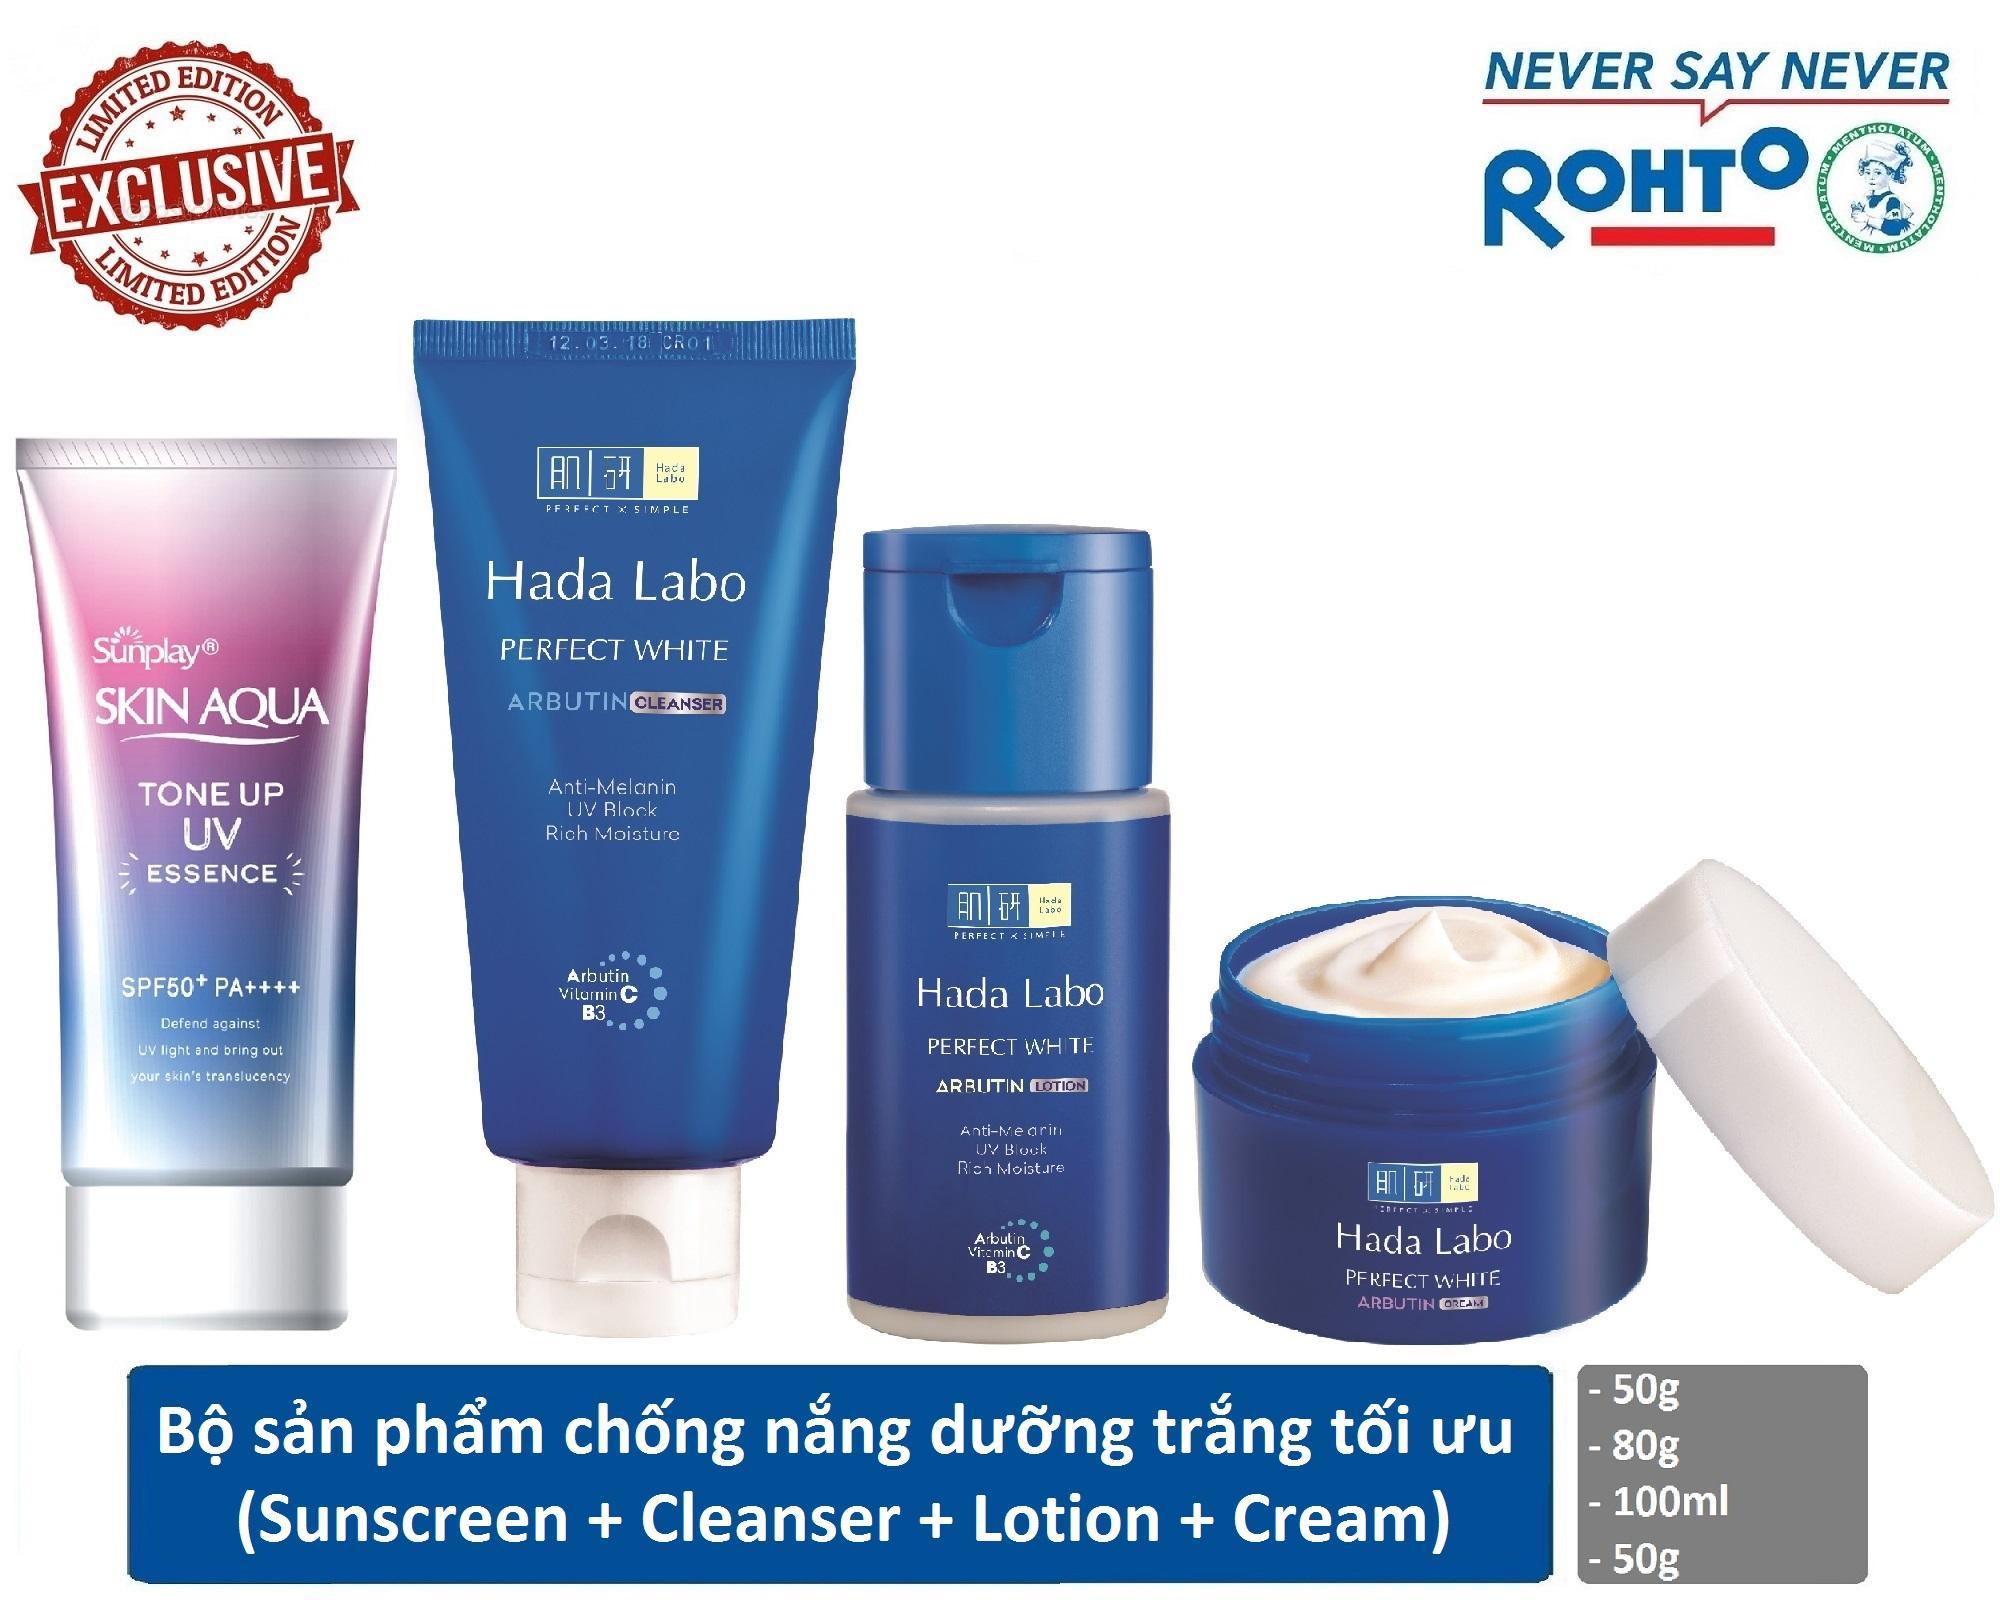 Bộ sản phẩm chống nắng dưỡng trắng tối ưu Sunplay - Hada Labo (Chống nắng + Kem rửa mặt + Dung dịch dưỡng + Kem dưỡng) nhập khẩu